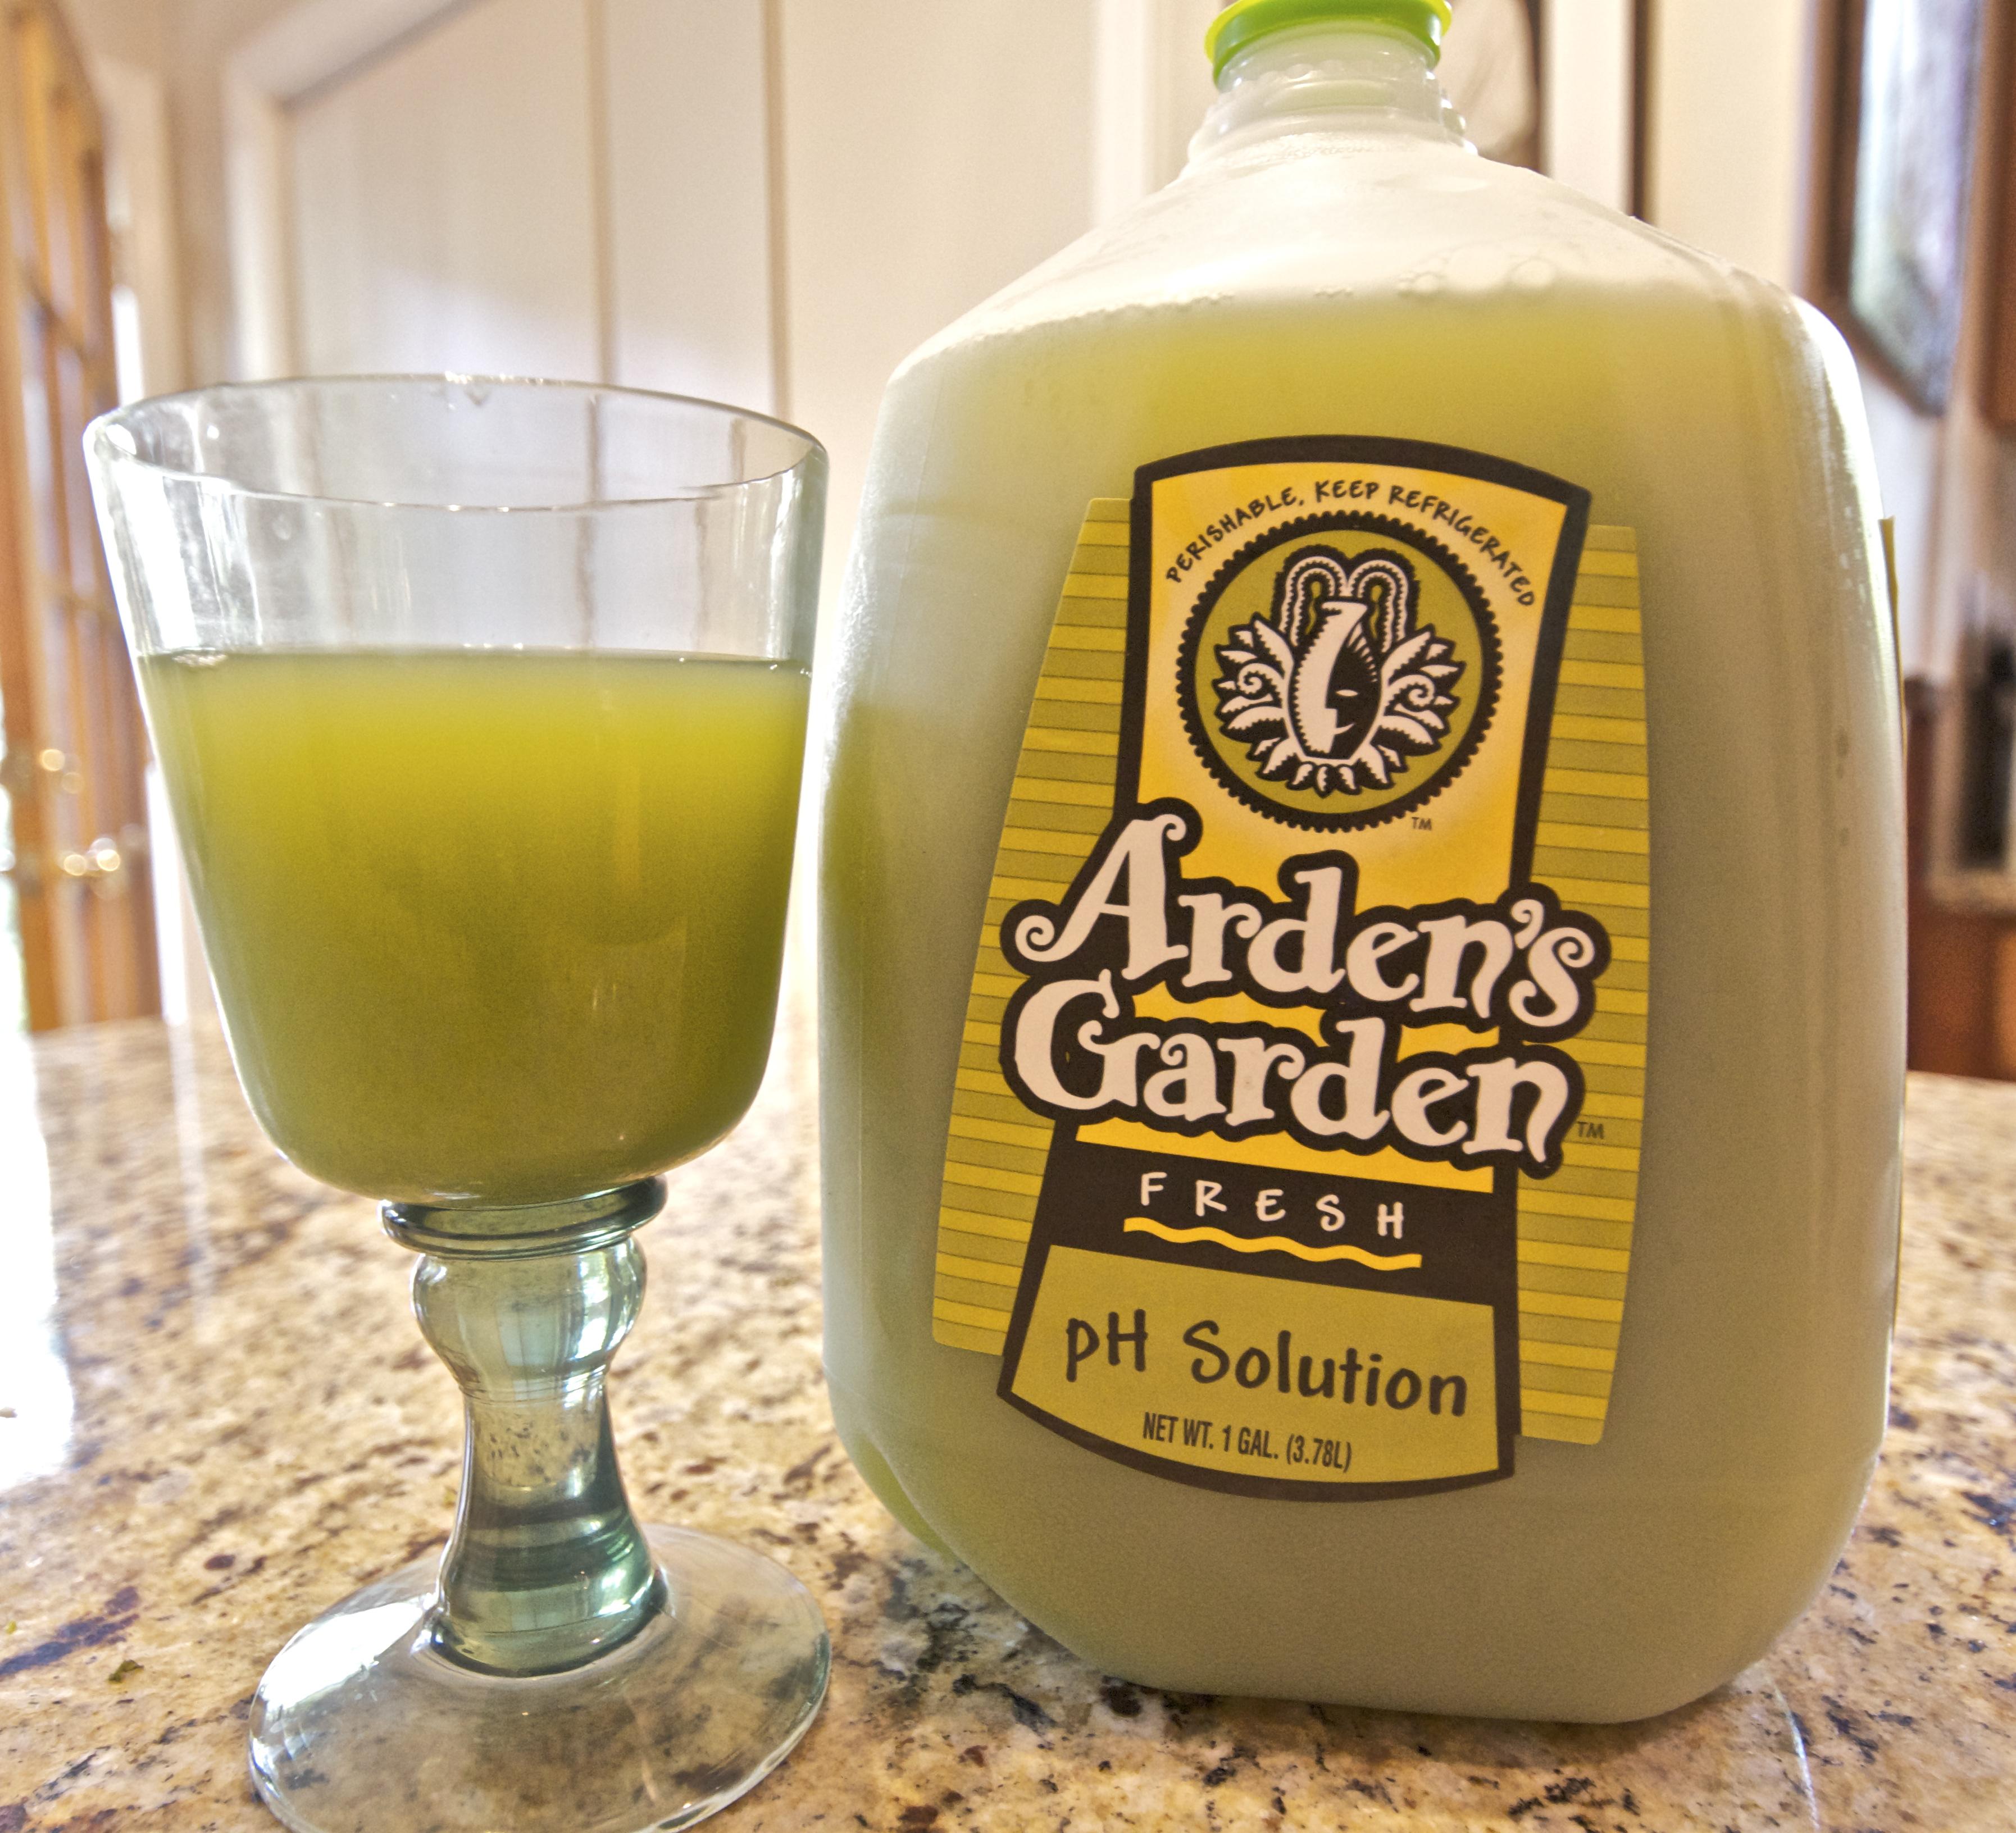 Arden s garden 21 day turnaround for Arden garden 2 day detox review